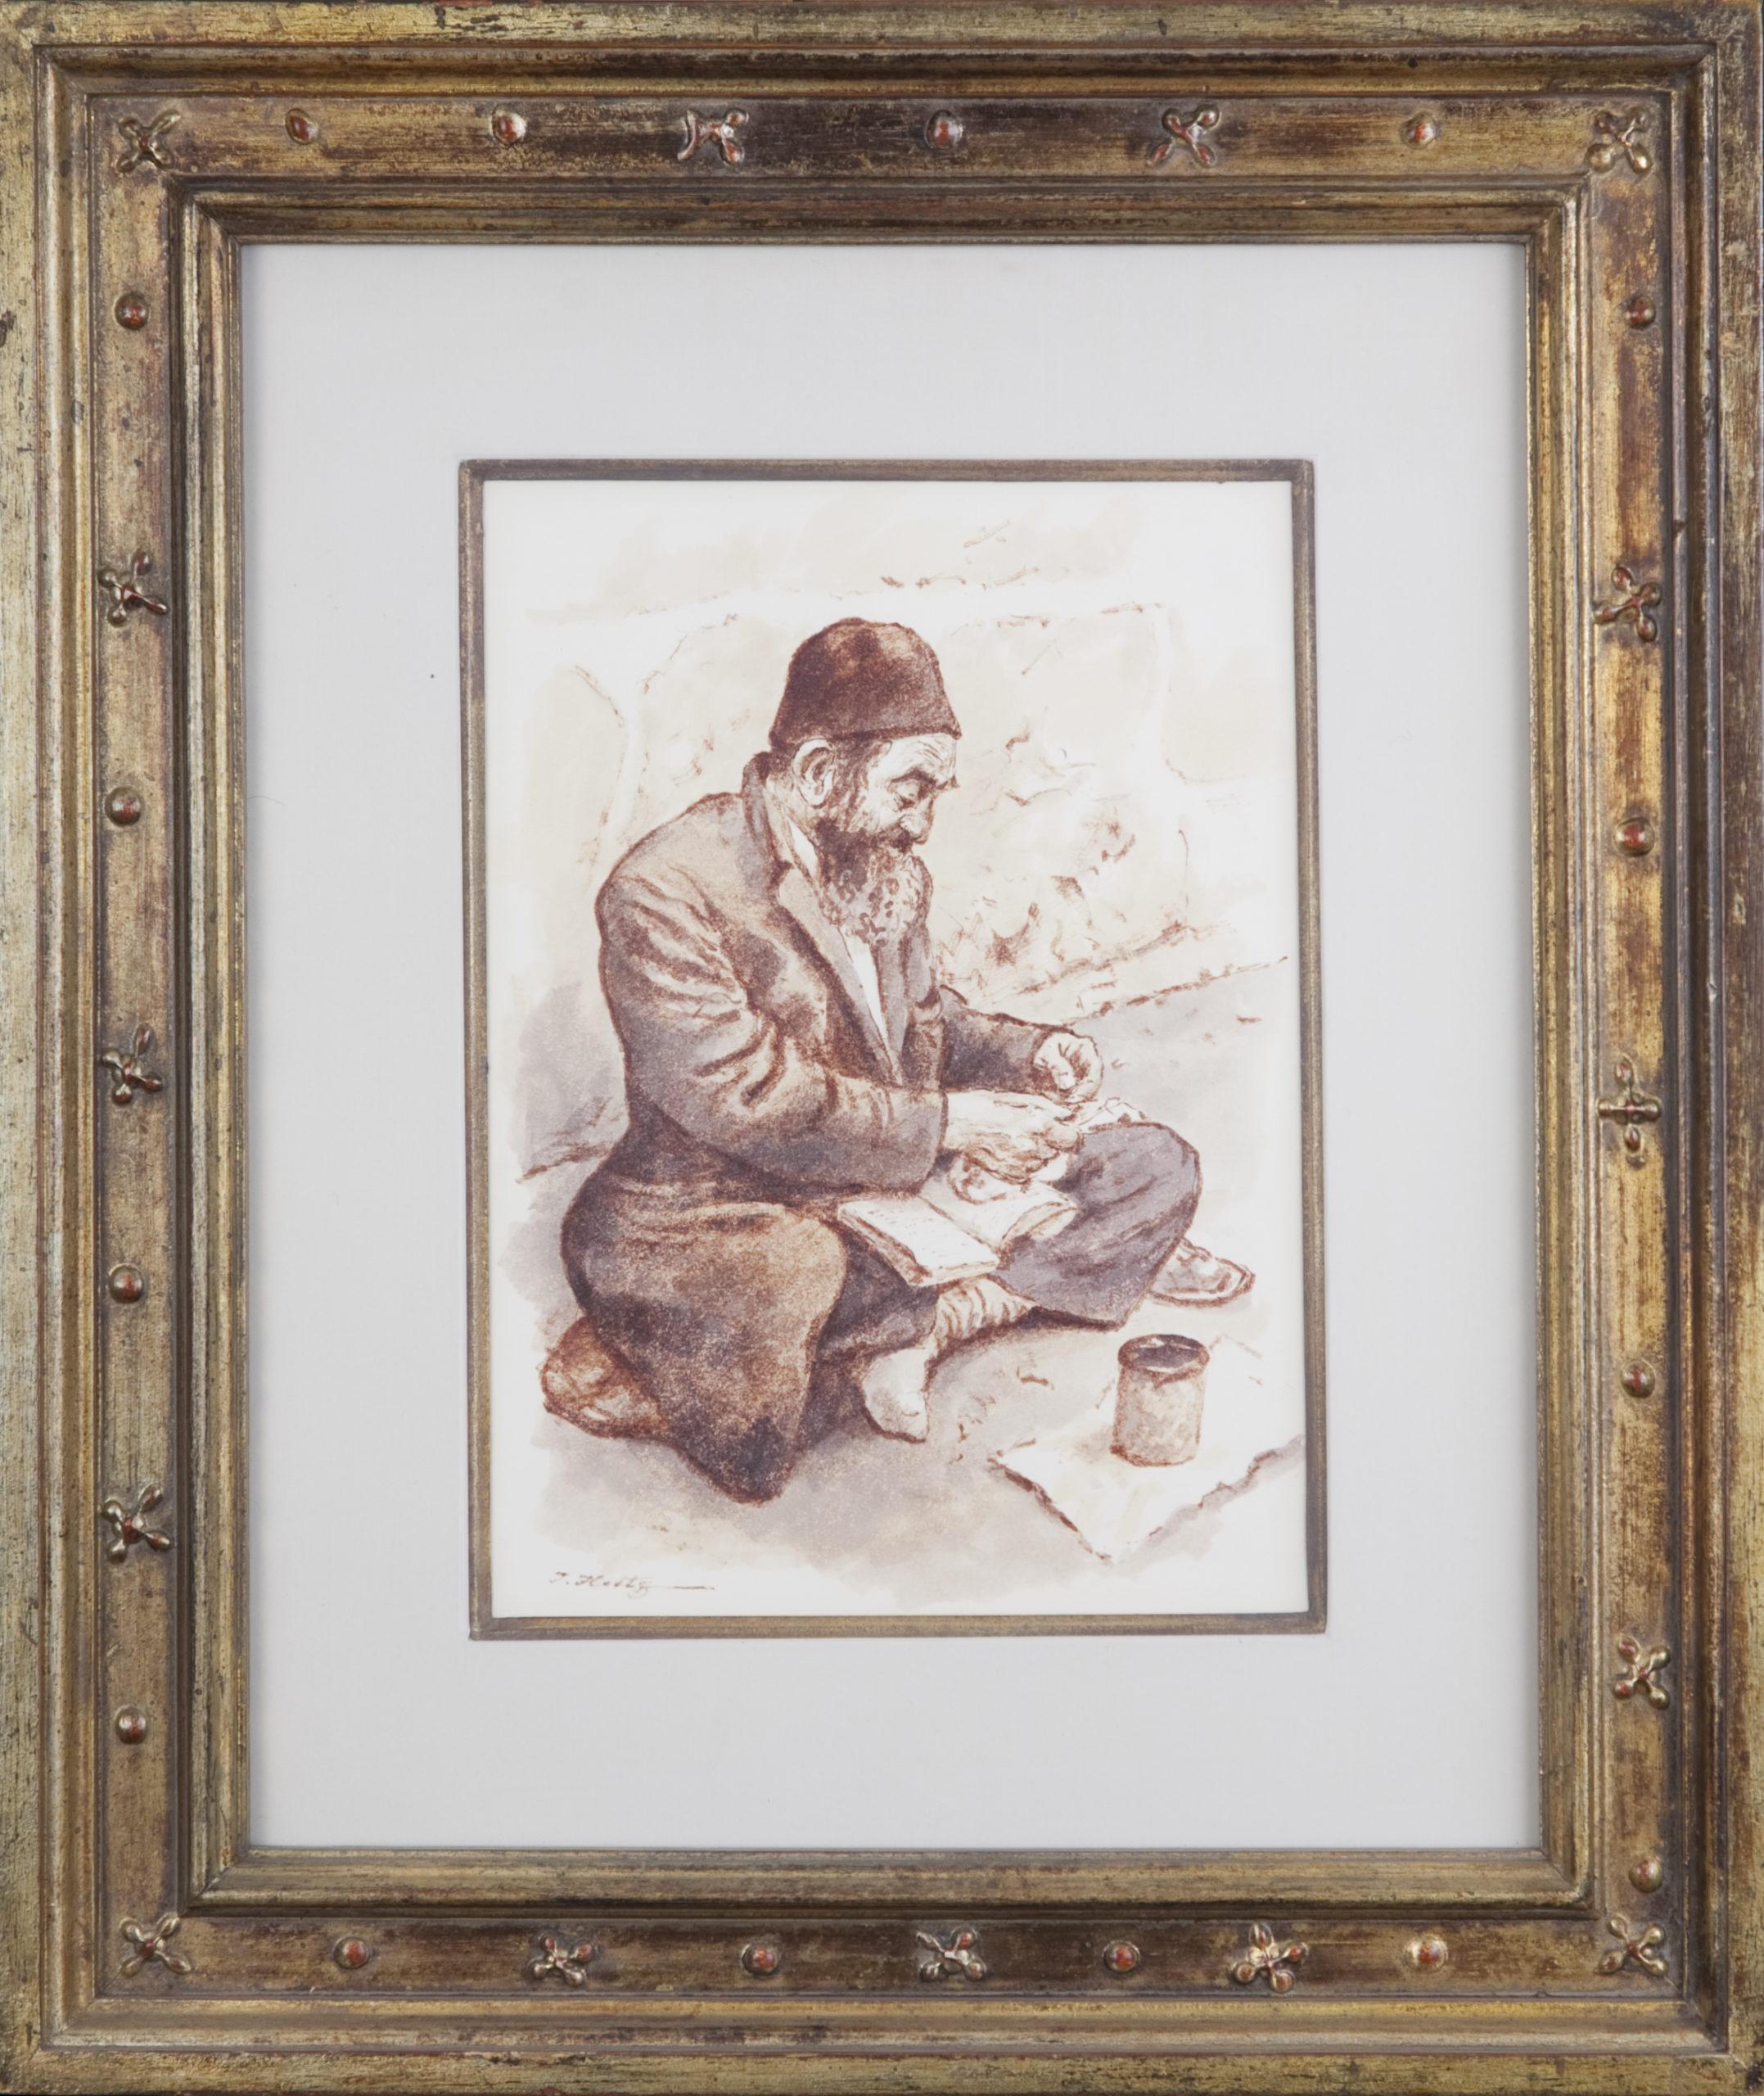 057 The Beggar 1973 - Marker - 7.5 x 10.5 - Frame: 16.25 x 19.25 x 1.75